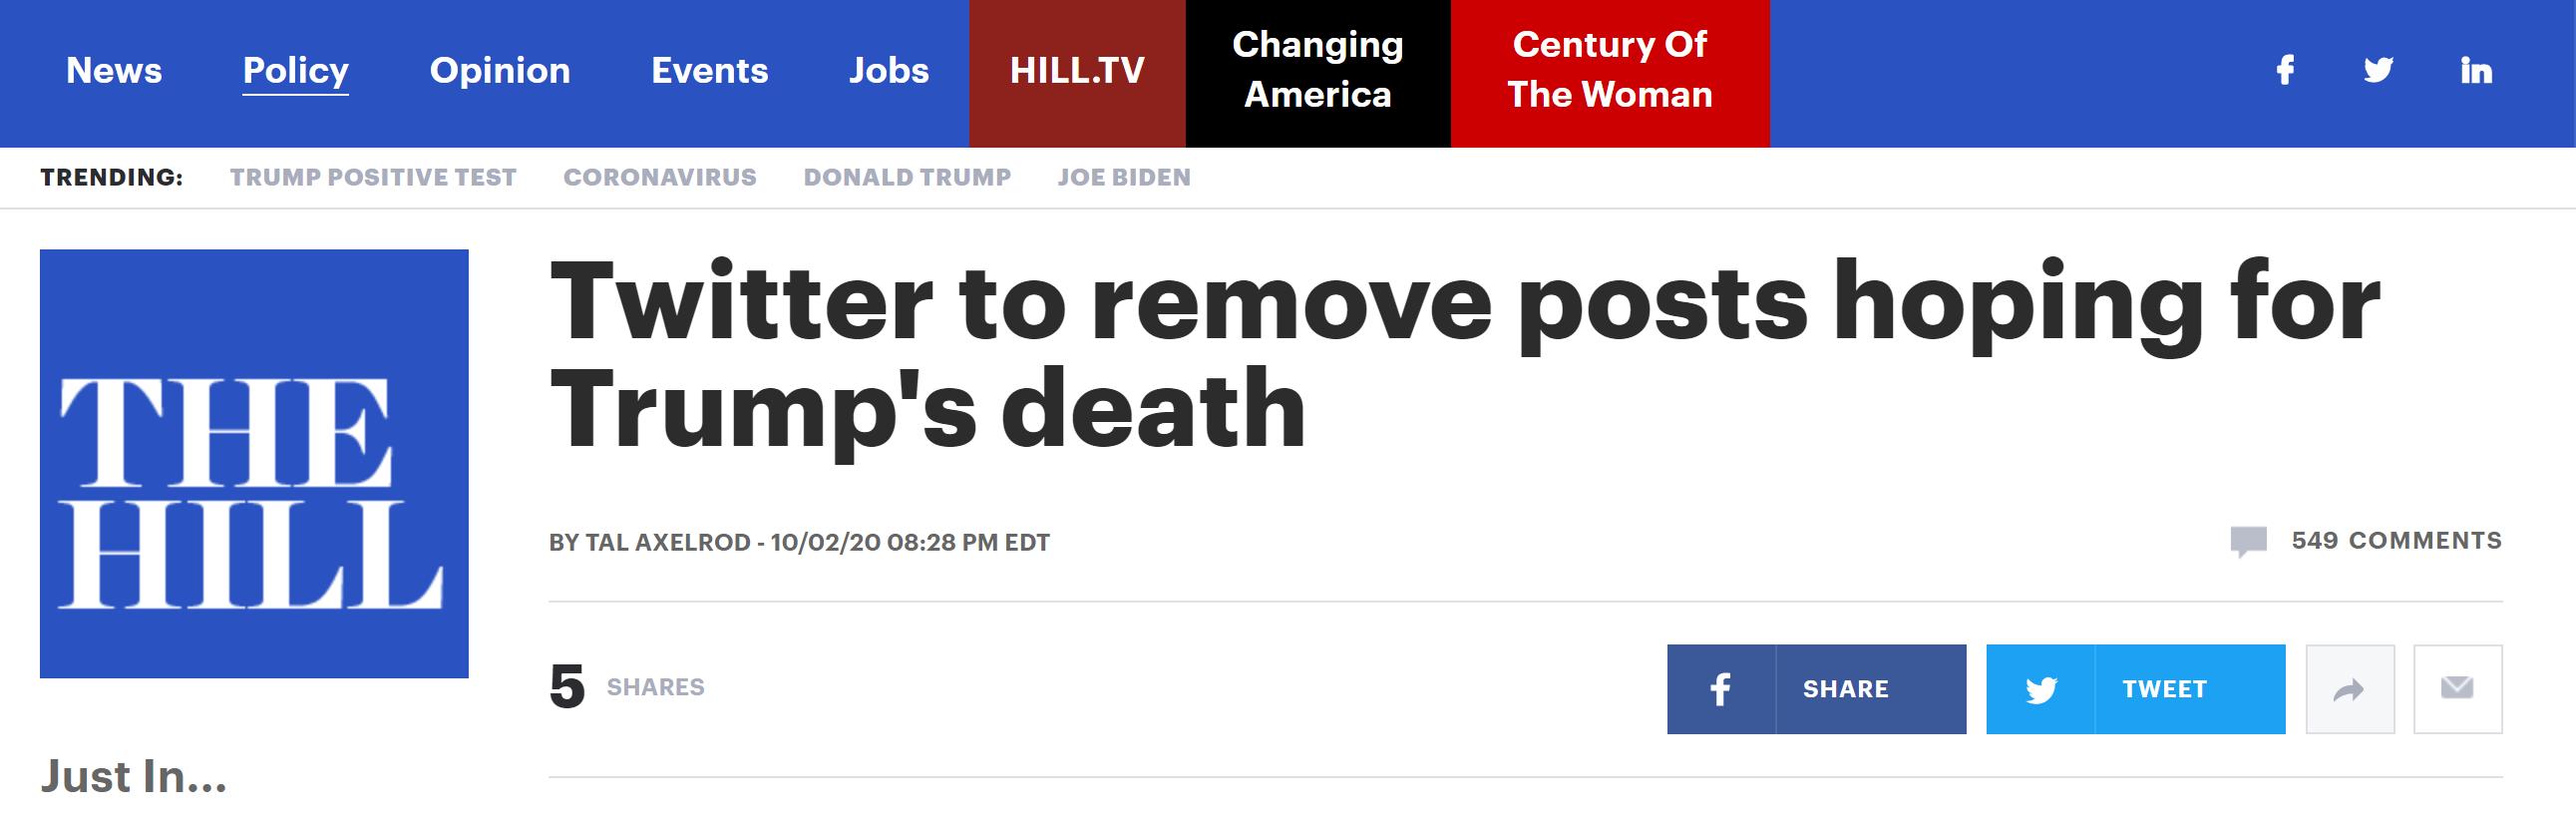 """特朗普已被注射试验性抗体治疗,""""正与新冠病毒'赛跑'"""",推特警告将删除平台上""""希望特朗普死掉""""的推文"""